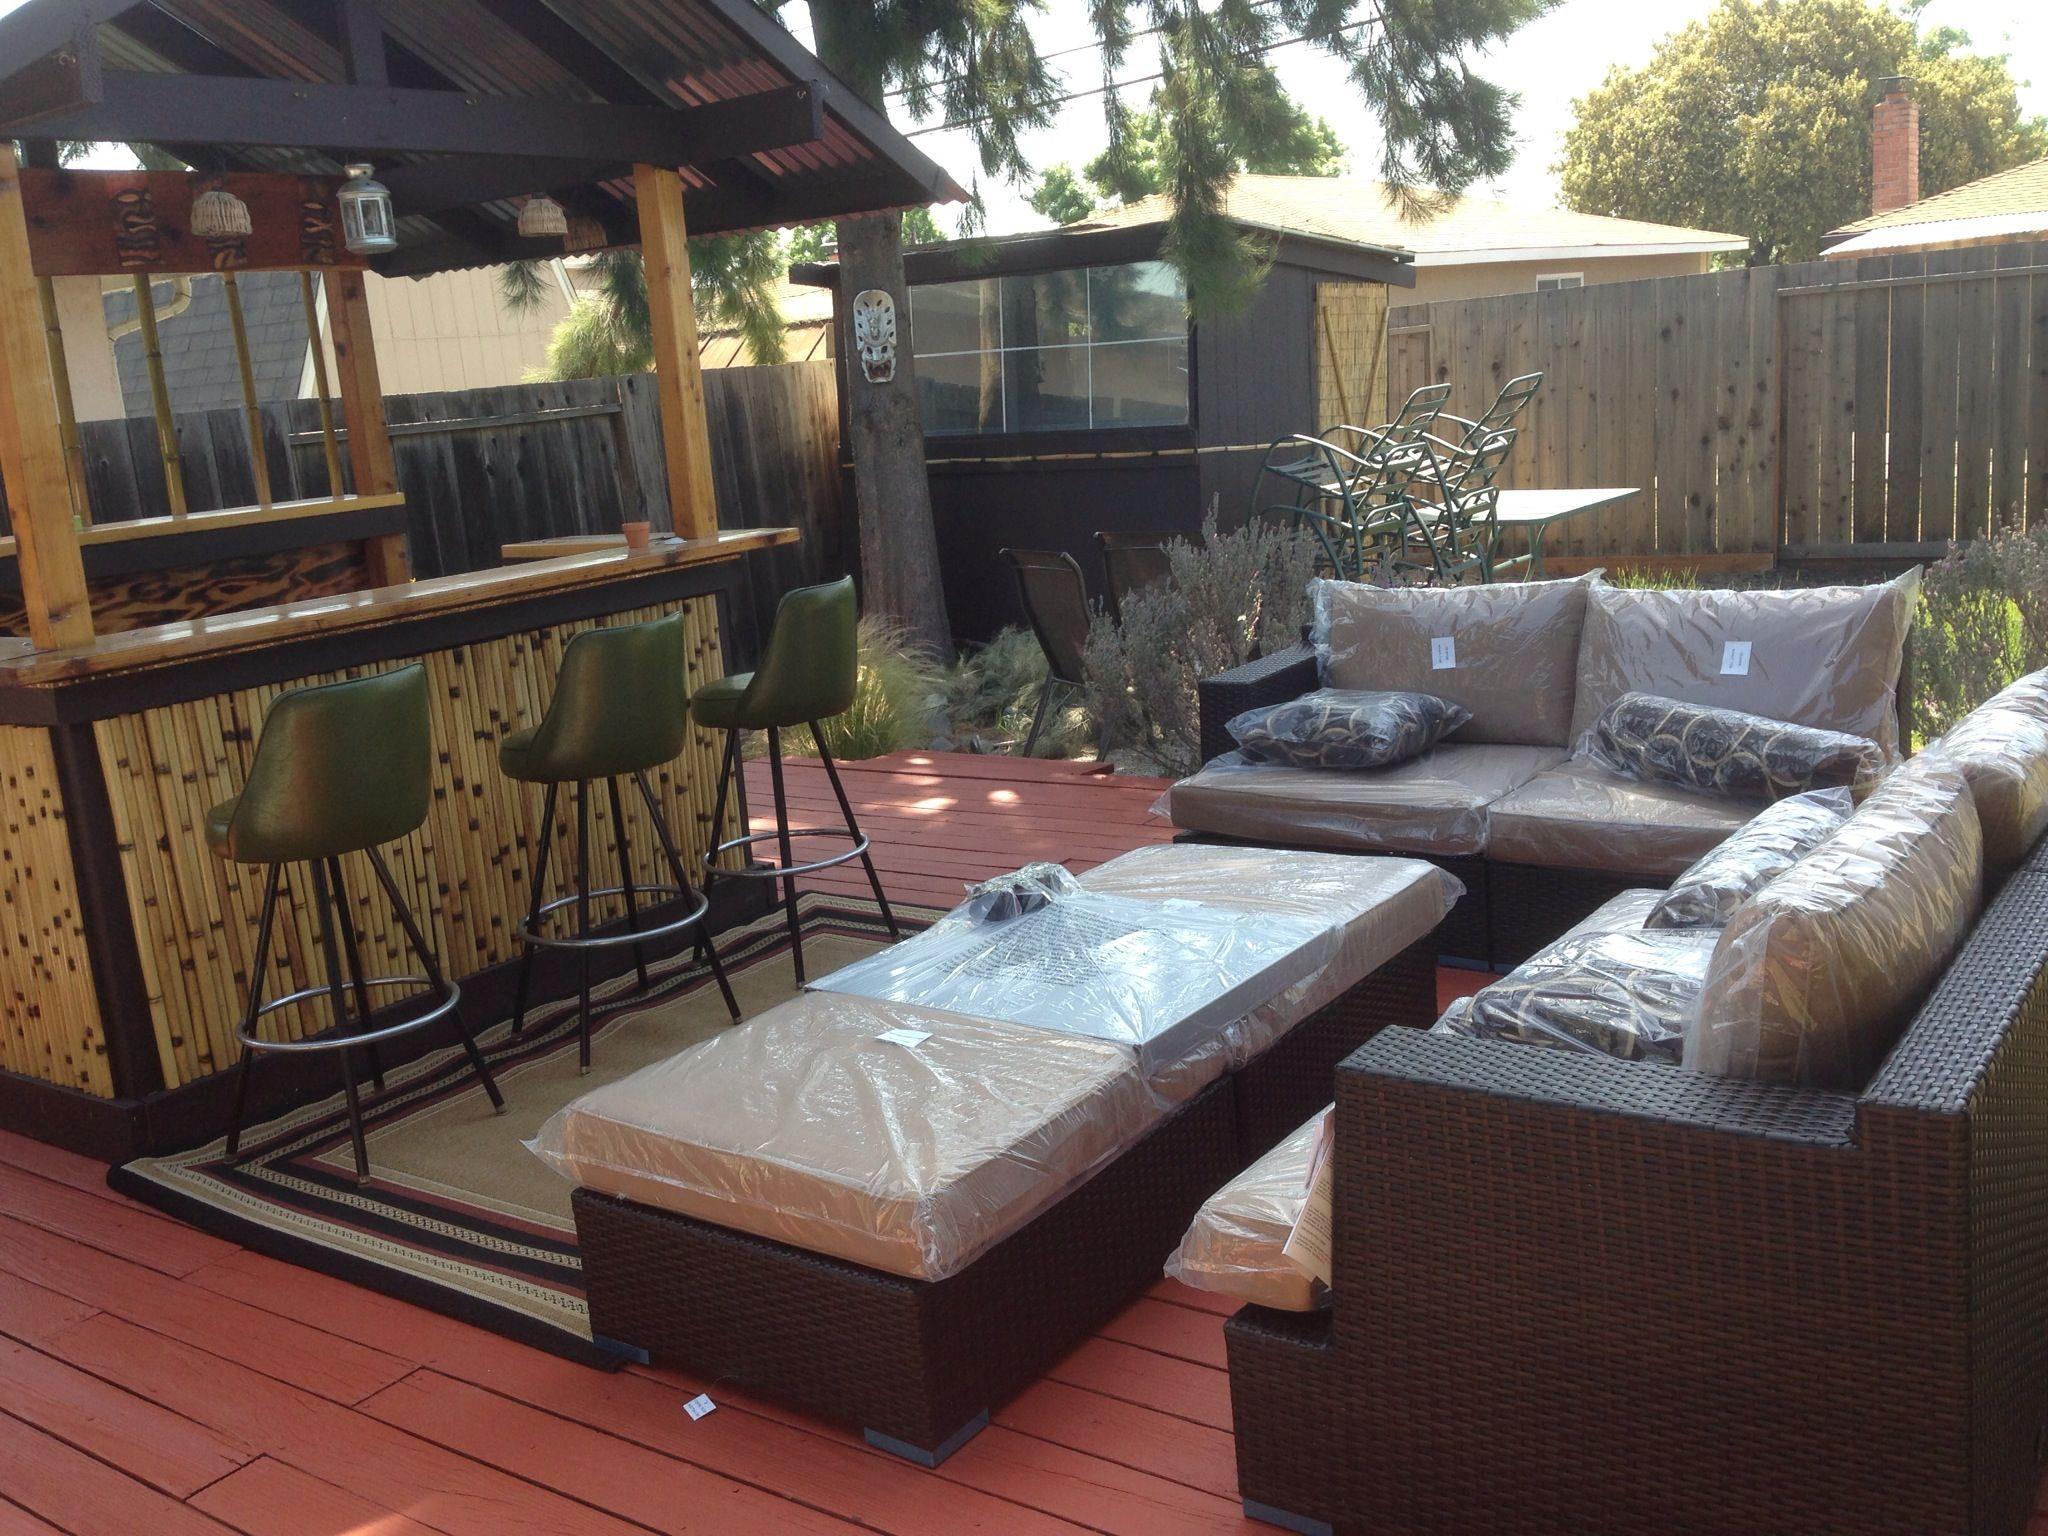 My Backyard Tiki Bar And Deck Tiki Bar Decor Tiki Bar Backyard Bar